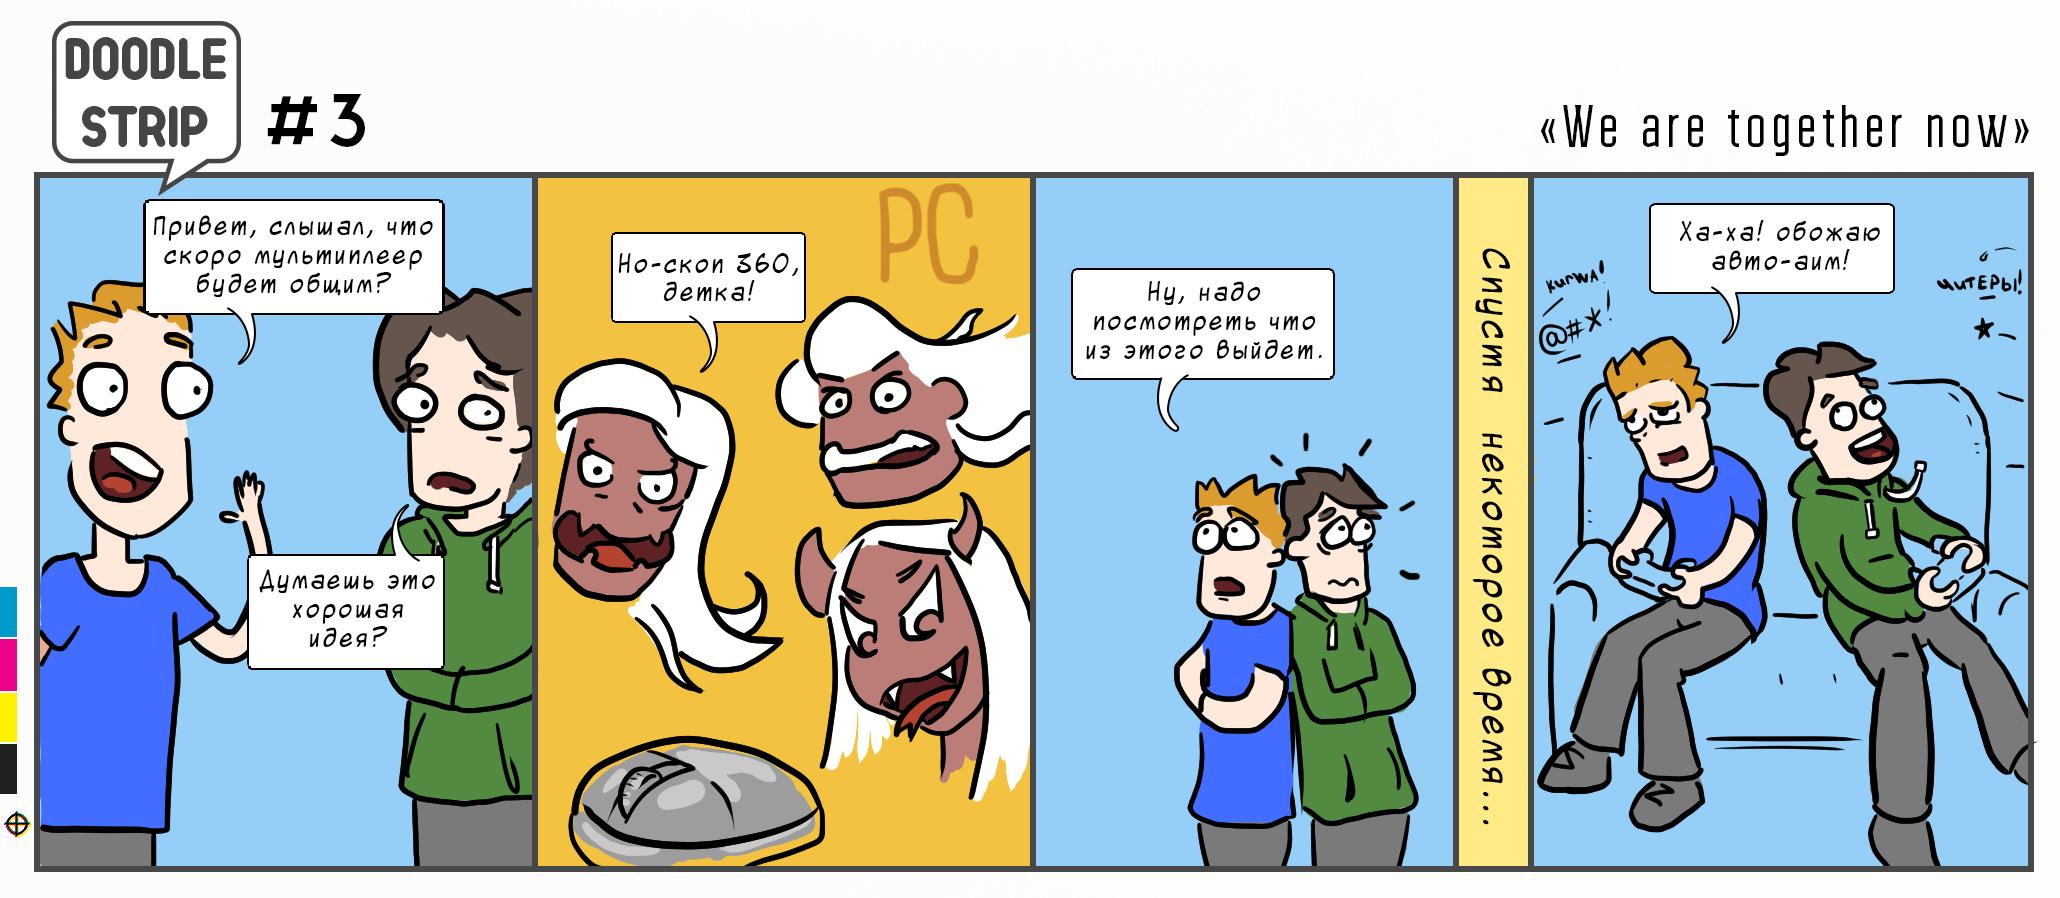 Doodle strip смешной. - Изображение 2